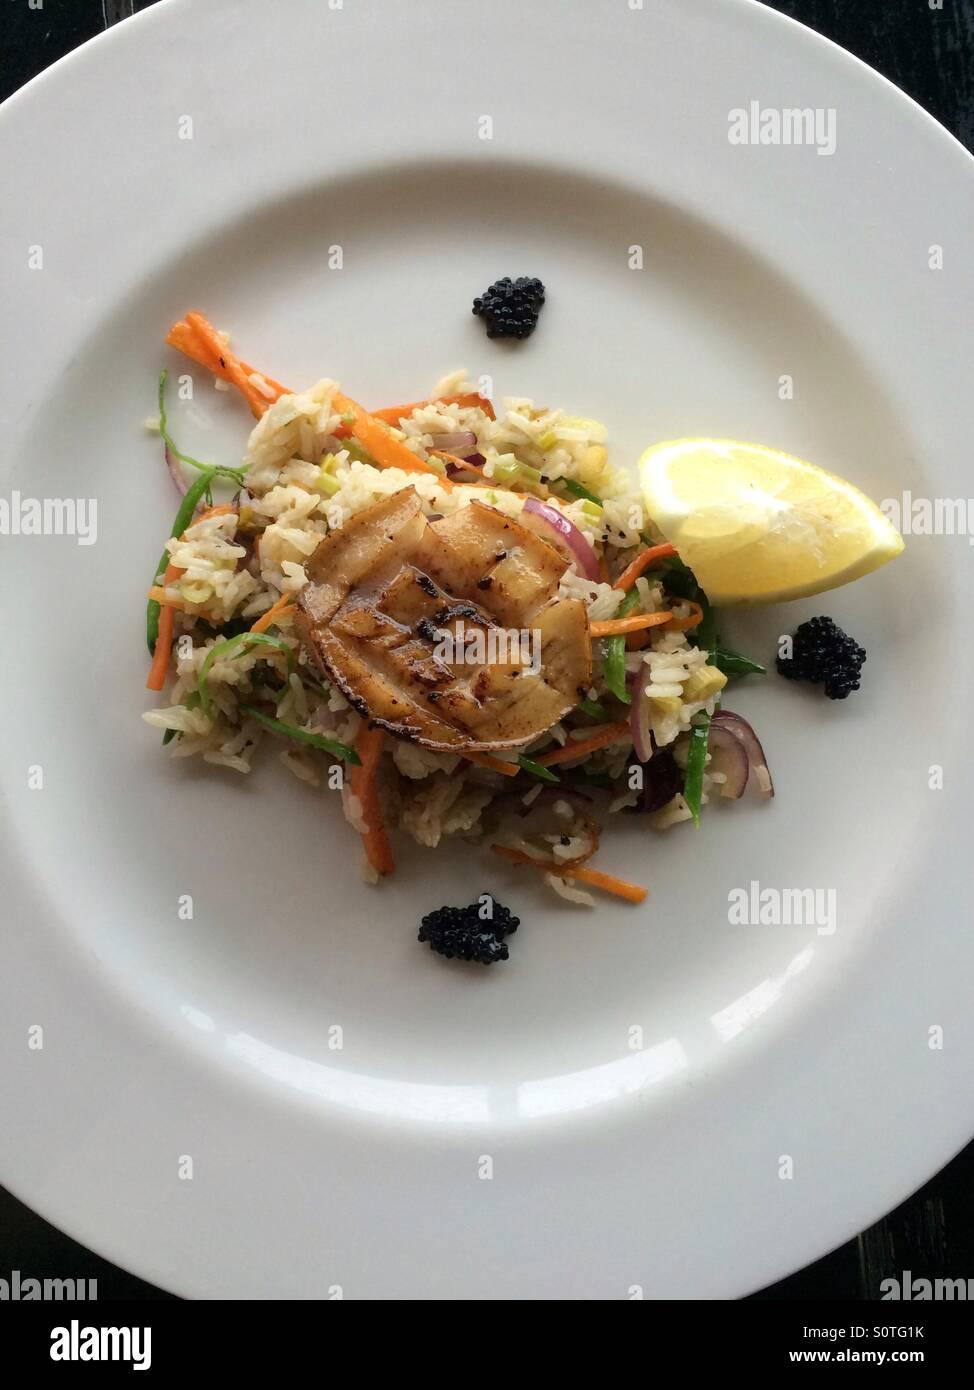 L'ormeau sur lit de riz épicé avec caviar en garniture. Photo Stock